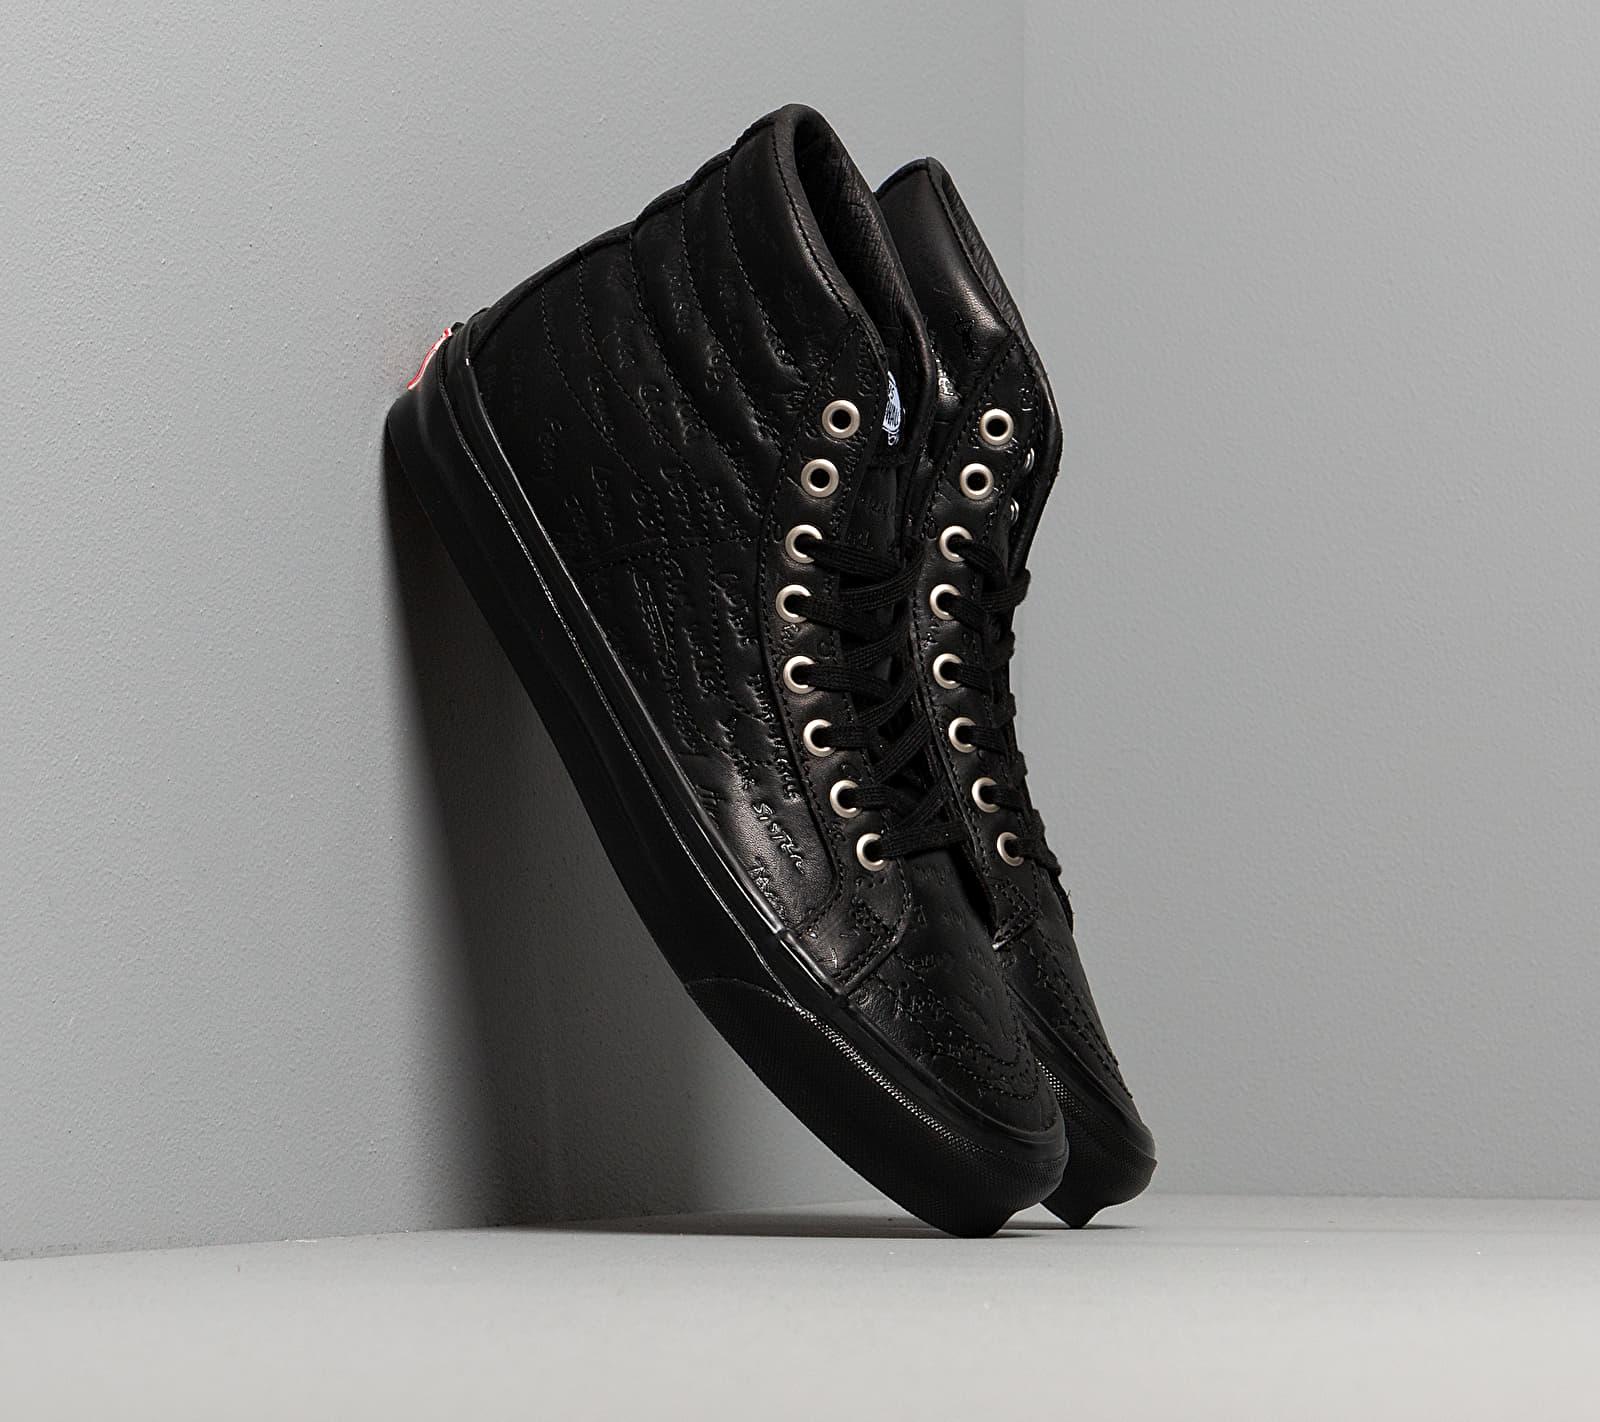 Vans OG Sk8-Hi LX (Jim Goldberg) Black Leather EUR 36